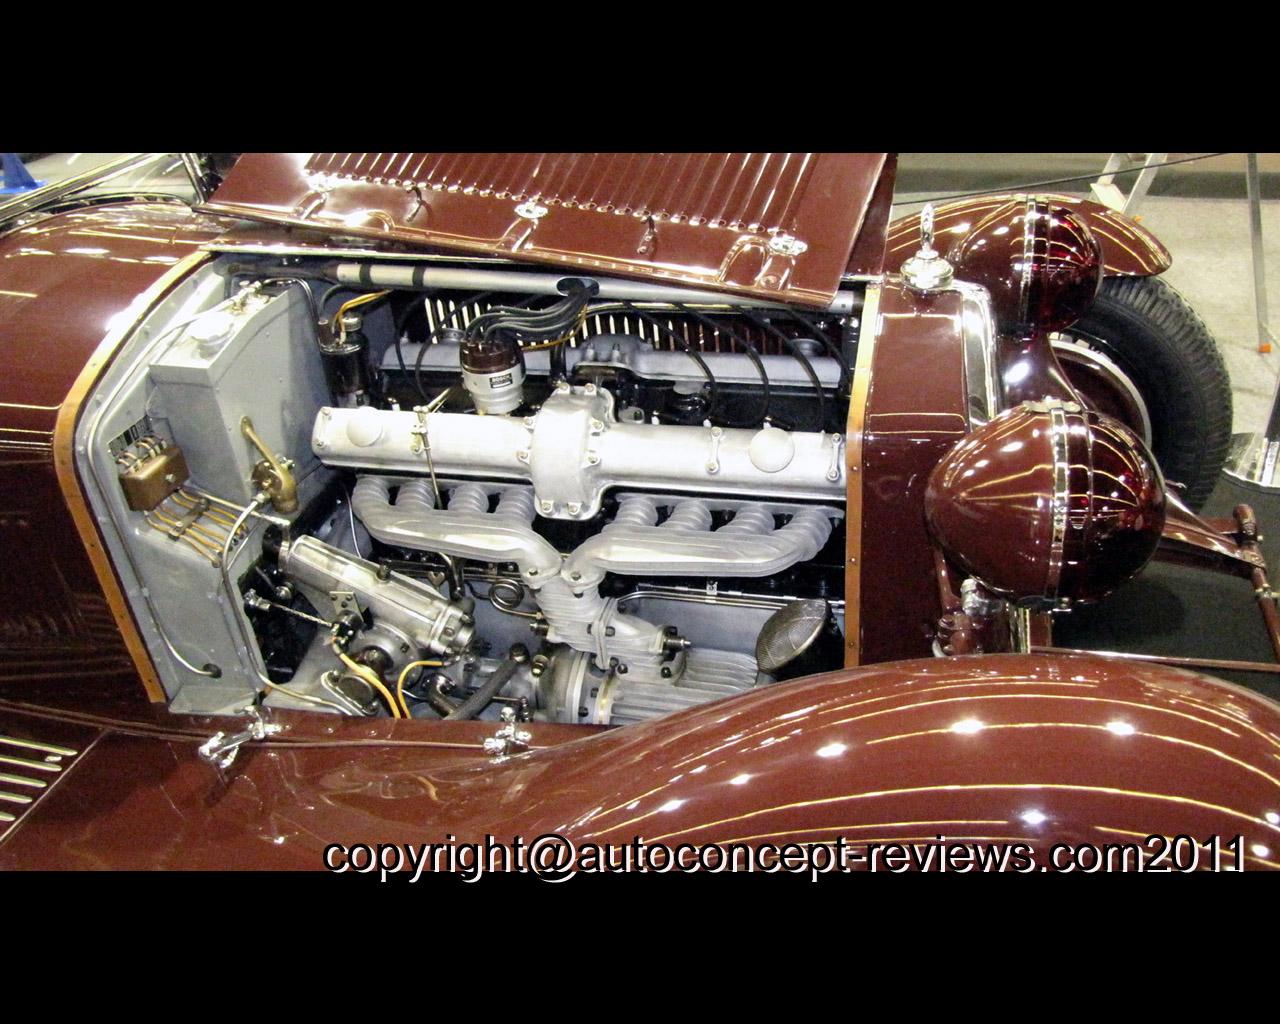 Alfa Romeo 8C 2300 Sommer-Chinetti Le Mans 1932 Winner on alfa romeo tz3 stradale zagato, alfa romeo 6c 1750 zagato, alfa romeo giulia zagato, alfa romeo 1600 junior zagato,